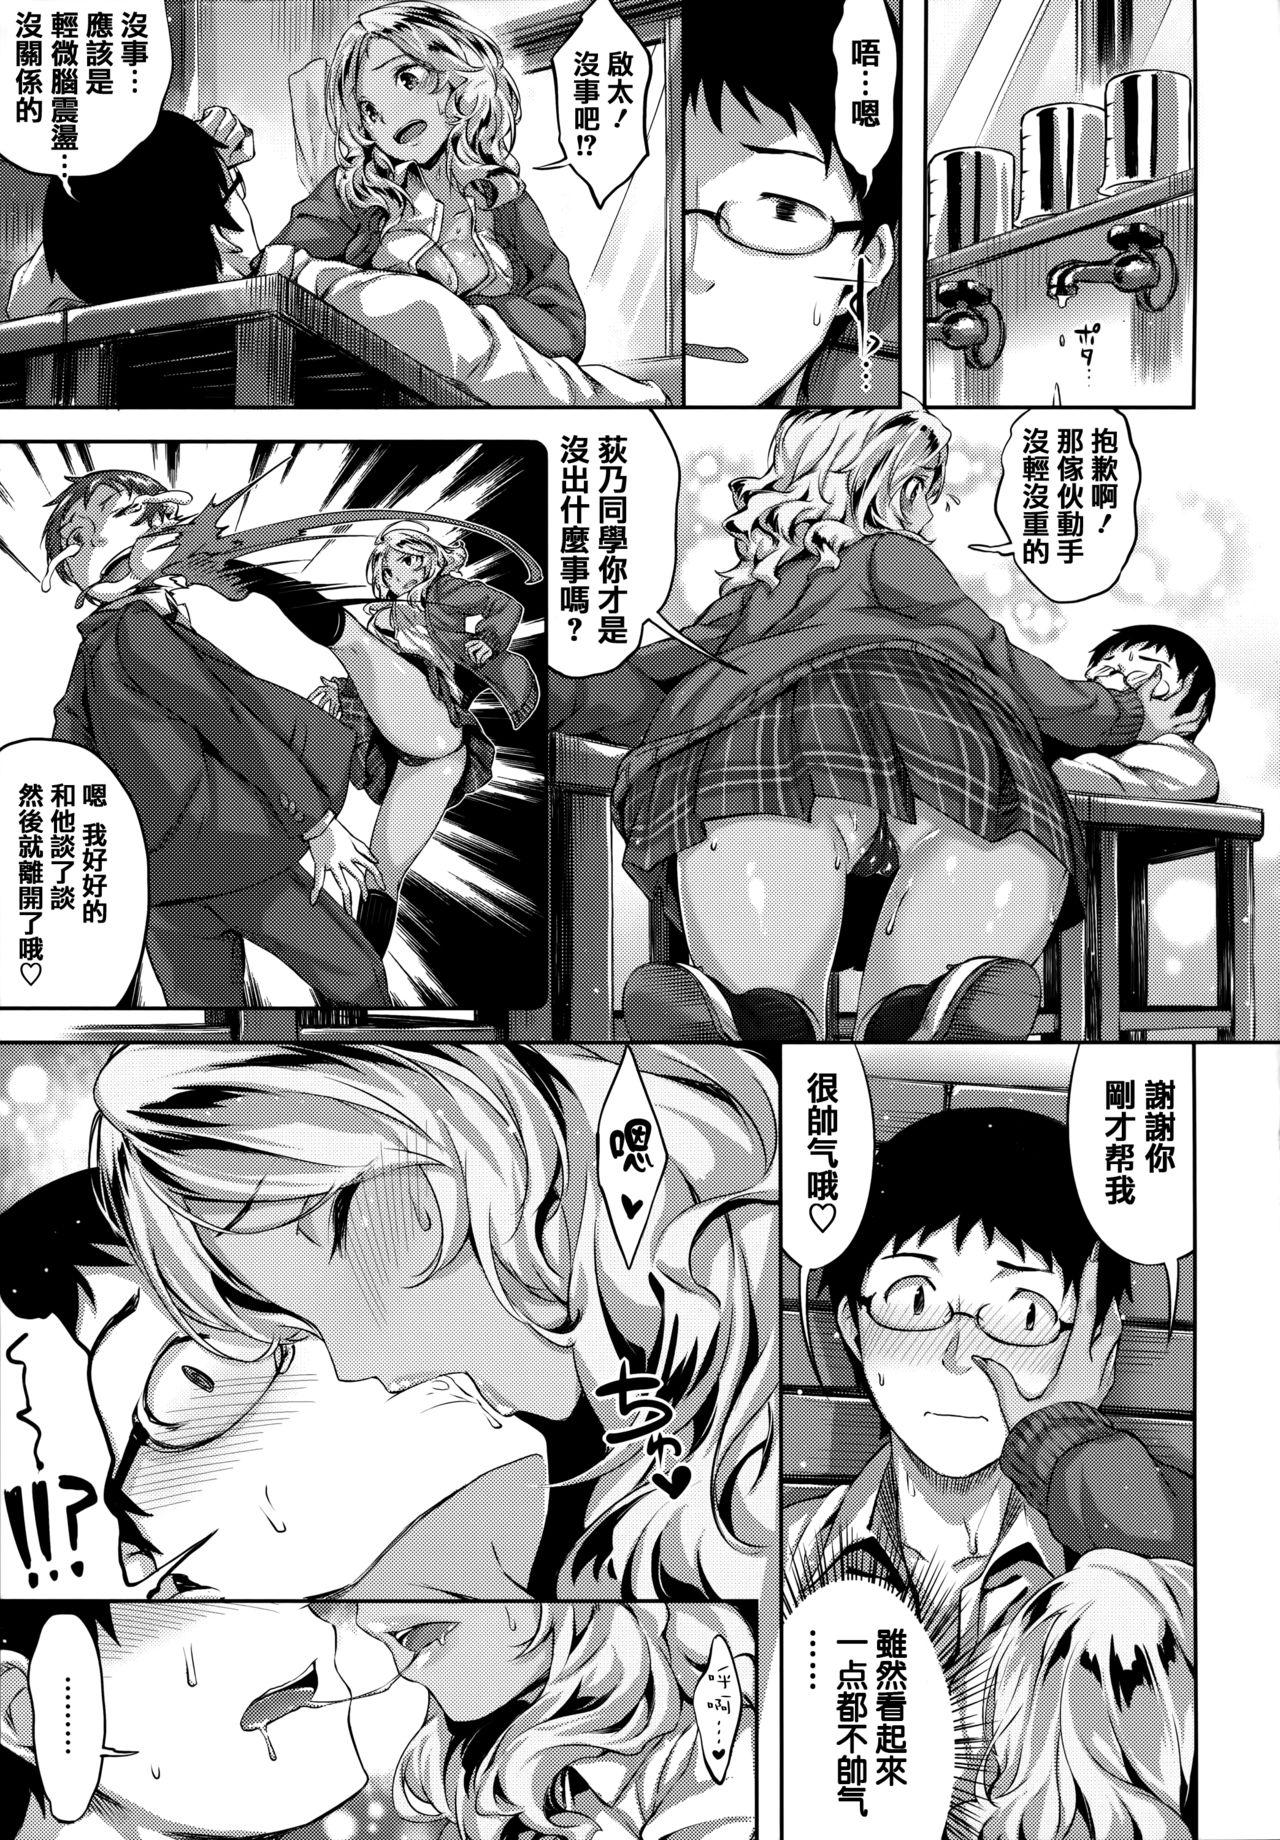 Zutto Daisuki 103